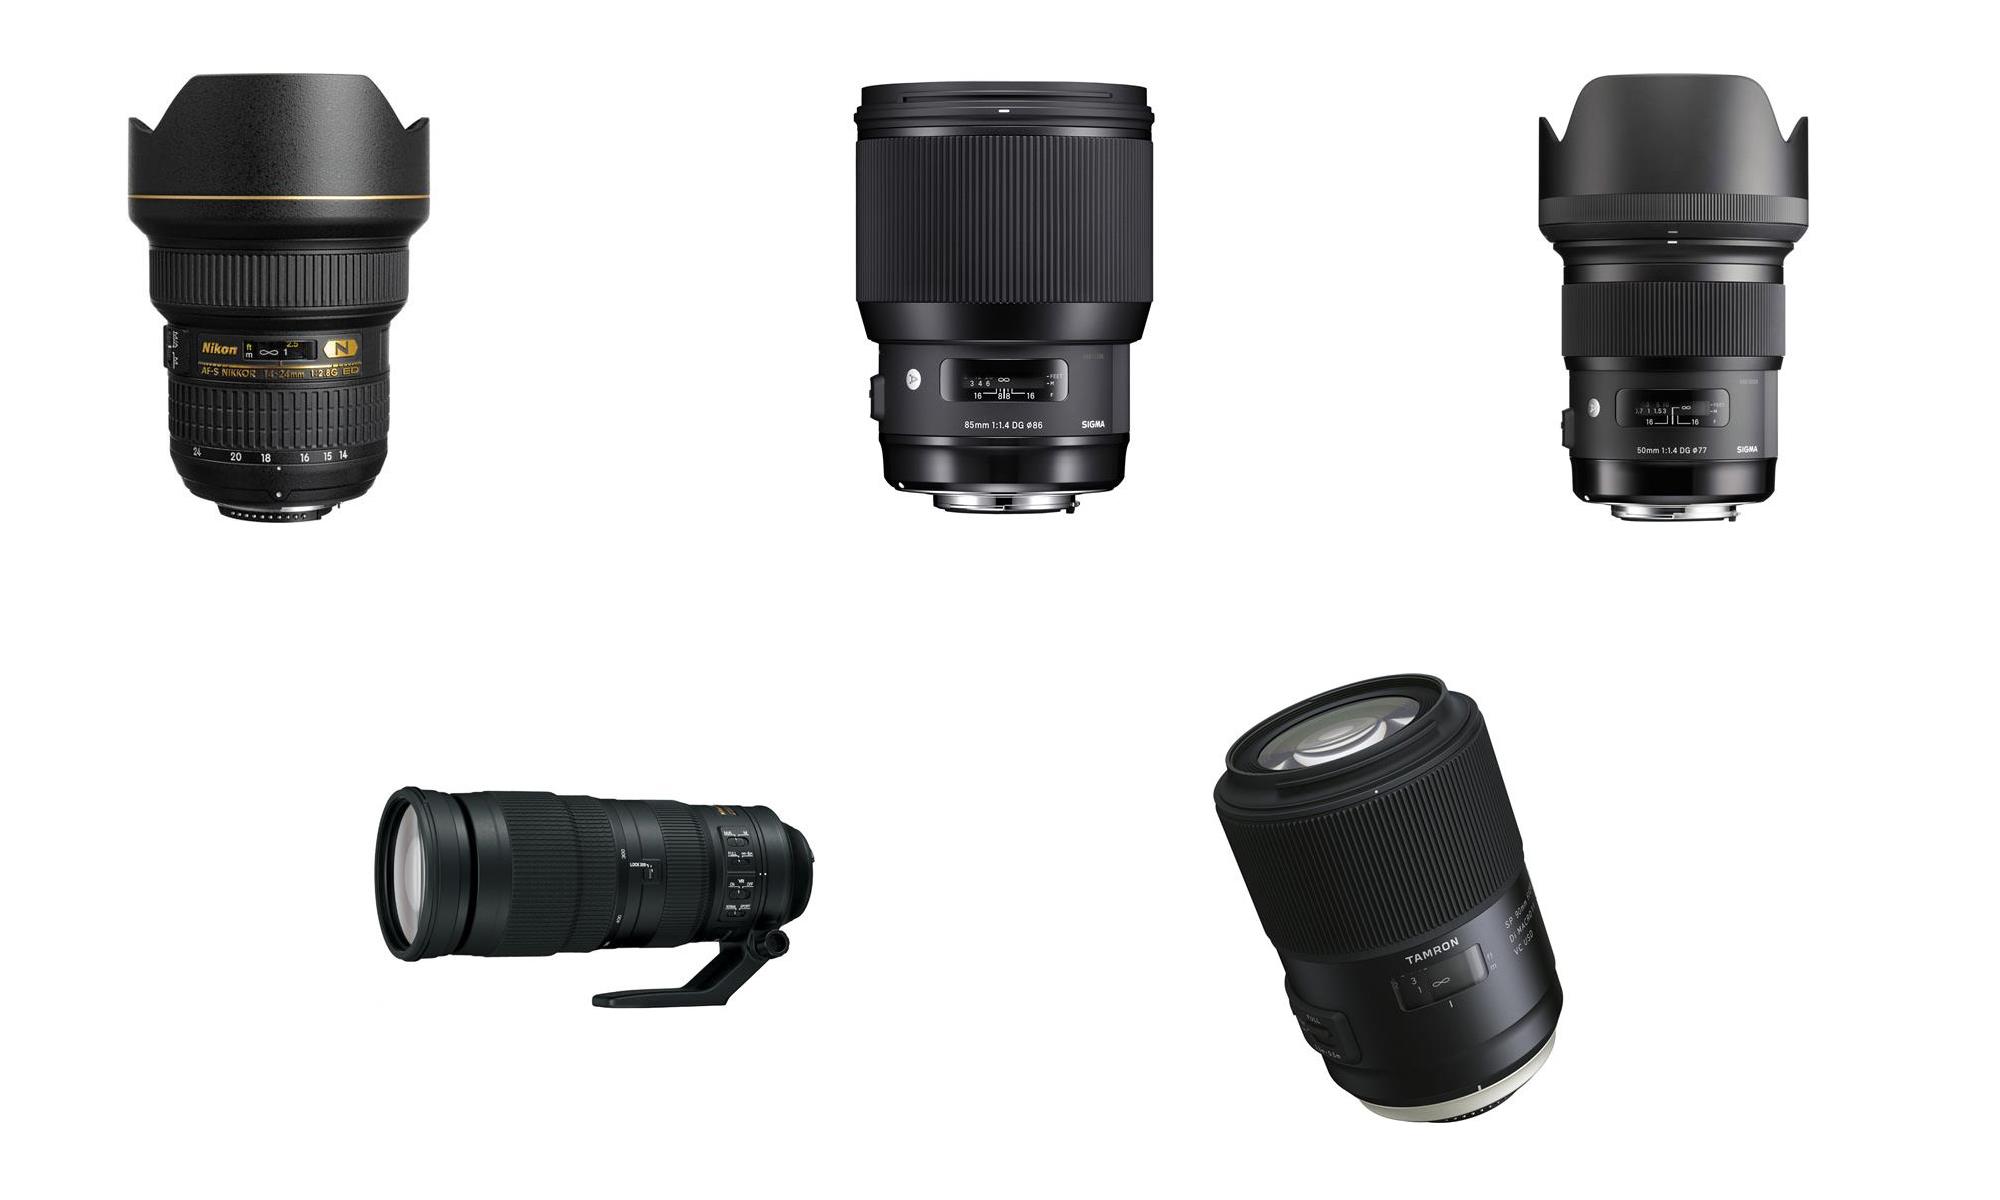 1 The Best Lenses for the Nikon D850 - FilterGrade